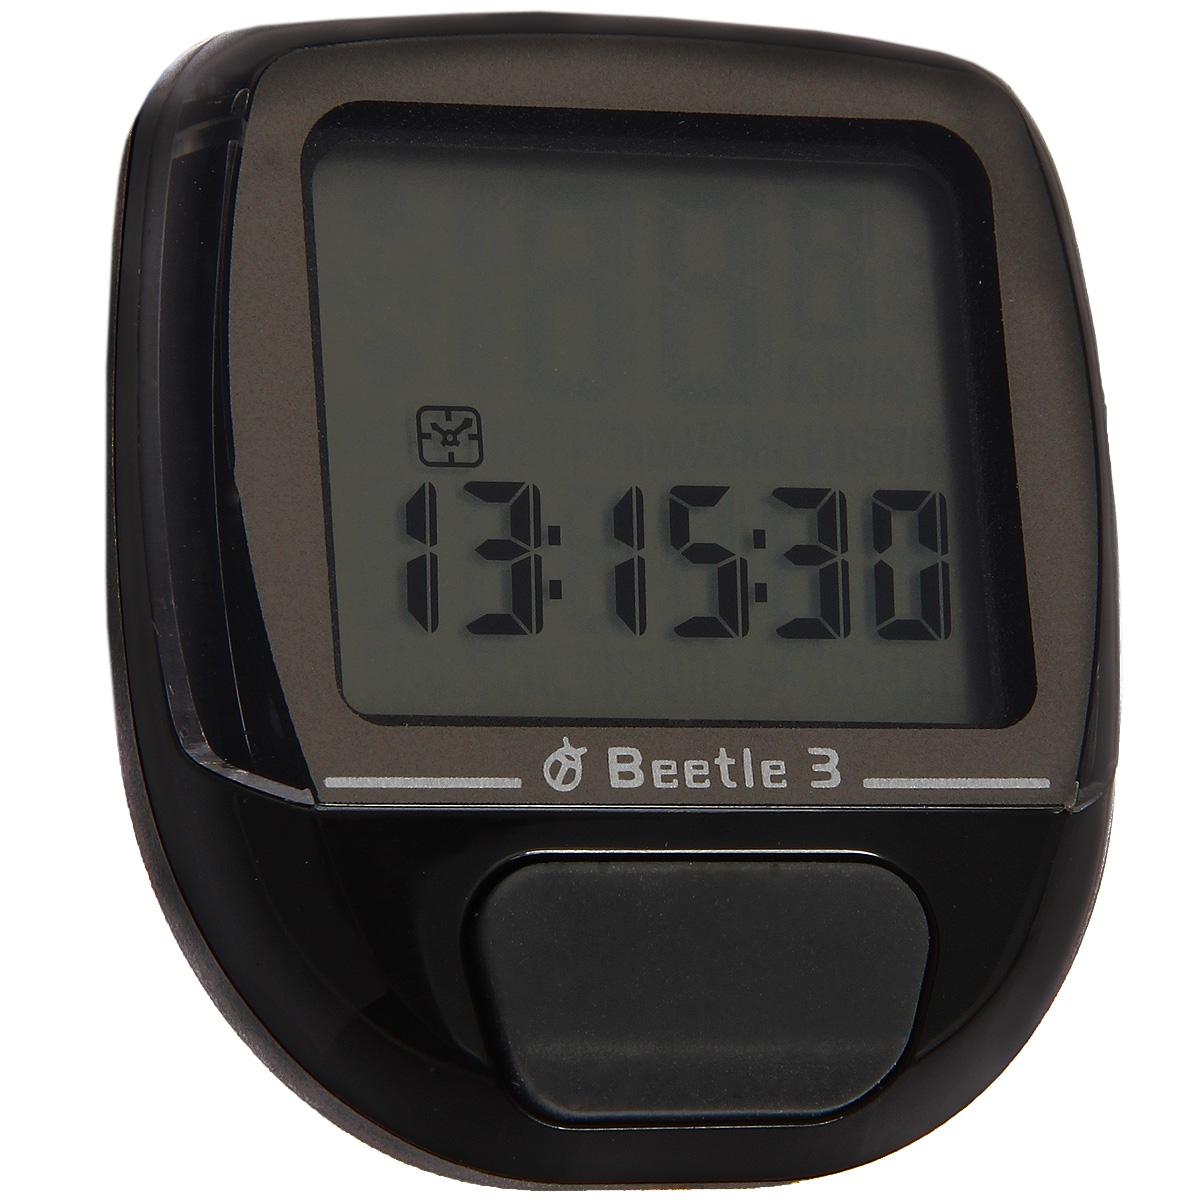 Велокомпьютер Beetle-3, 8 функций, цвет: черный30237Проводной велокомпьютер Beetle-3 с восьмью функциями в стильном корпусе предназначен для использования при занятиях велоспортом, велотуризмом и просто катании на велосипеде. Имеет отличную водо и пылезащиту. Велокомпьютер определяет скорость движения с точностью до десятых долей, дистанцию - с точностью до 10 метров. На дисплее функции поочередно сменяют друг друга. Все операции и настройки выполняются одной кнопкой. Характеристики:Материал: пластик, металл. Размер велокомпьютера: 4 см x 5 см x 2 см. Размер упаковки: 8,5 см x 7,5 см x 4 см. Изготовитель: Китай.